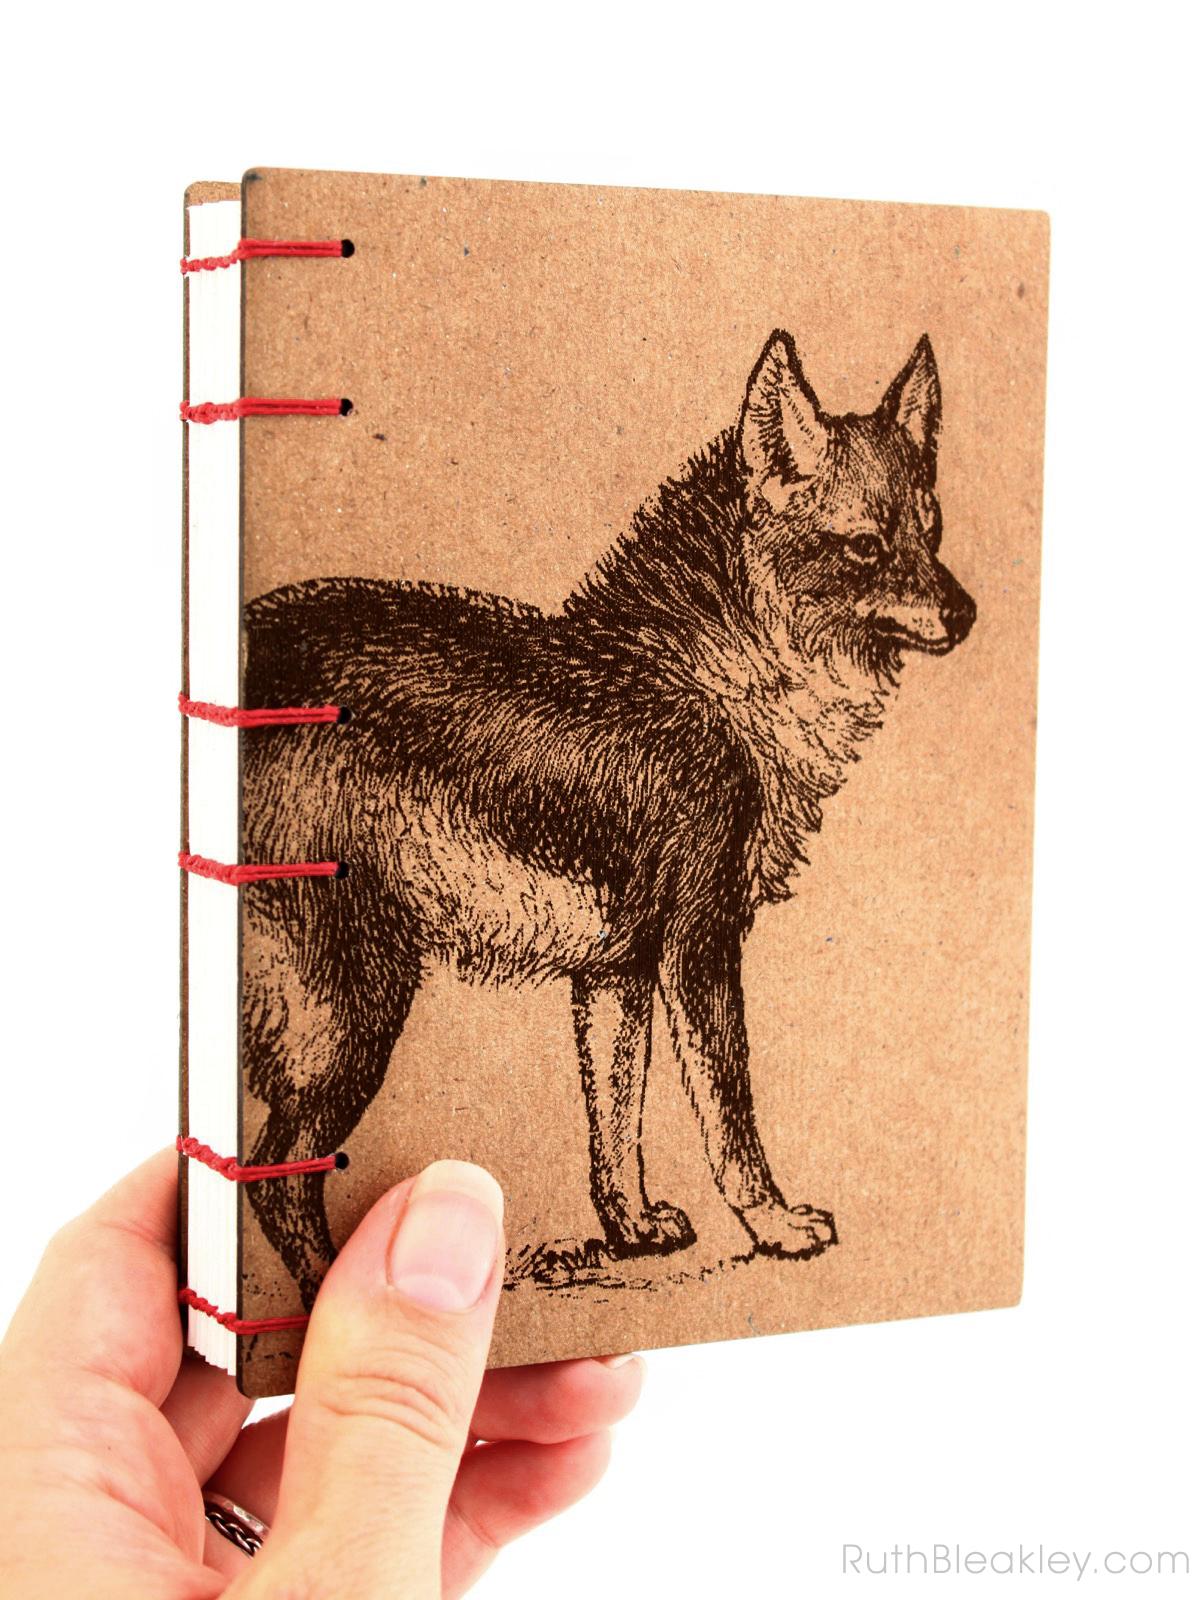 Coyote Wolf Journal handmade by American book artist Ruth Bleakley - 1